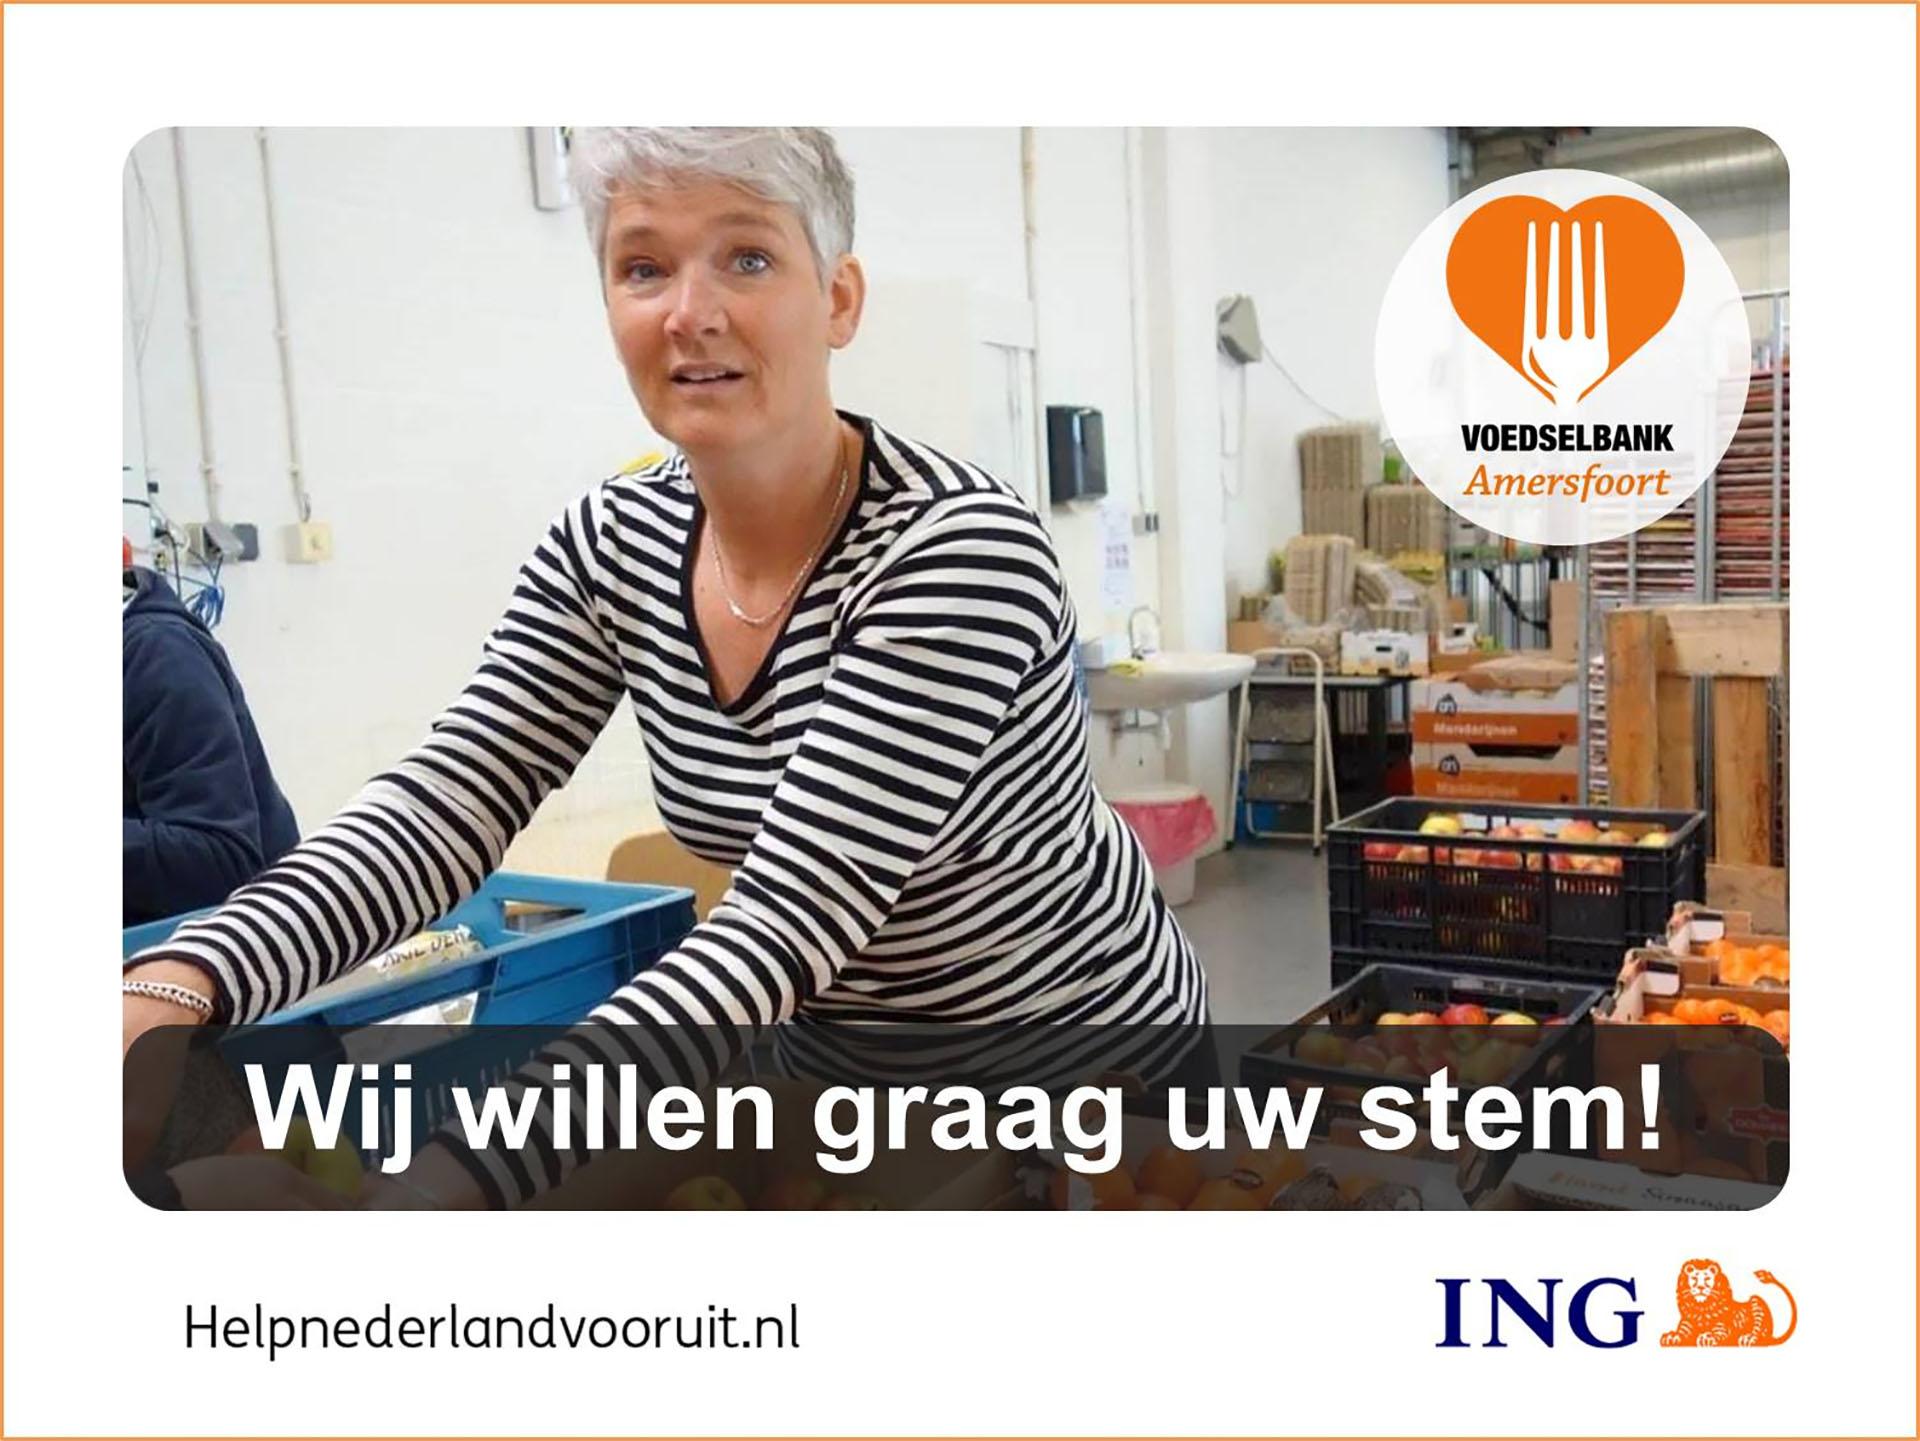 Door uw stem uit te brengen, helpt u de Voedselbank Amersfoort.